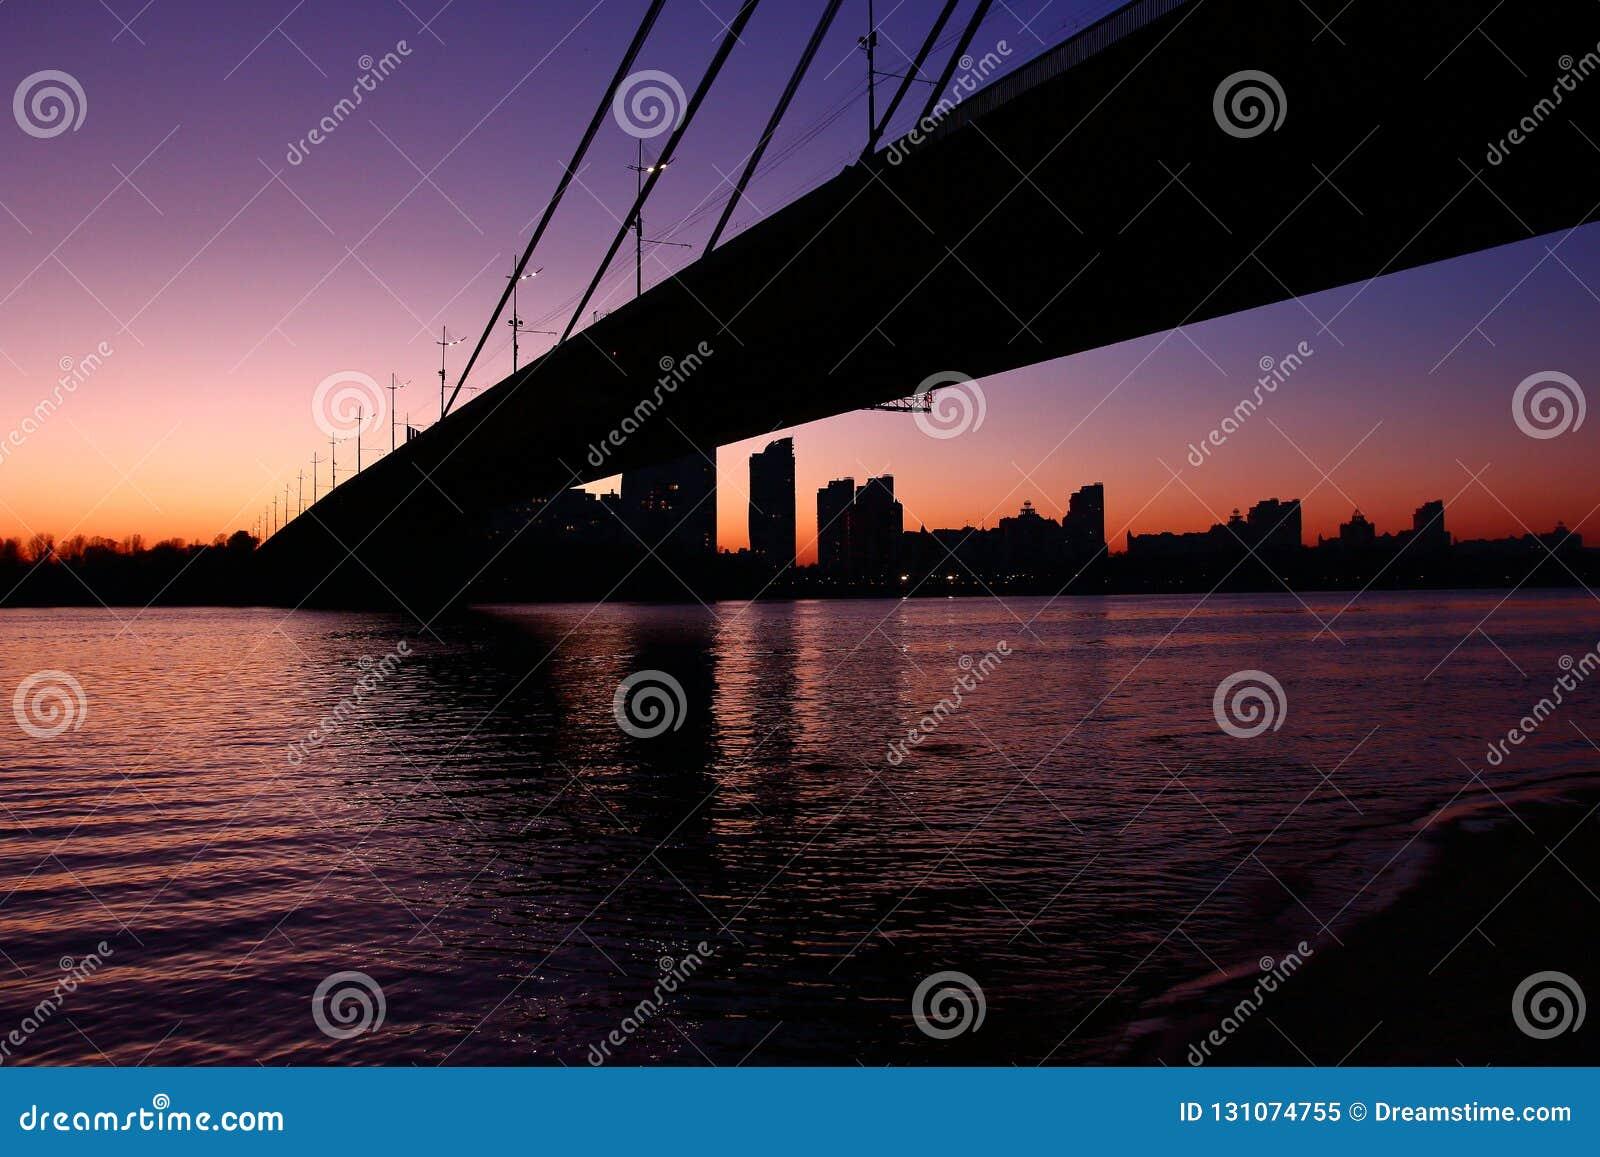 Pyvnichnyi most, Kyiv, Ukraina